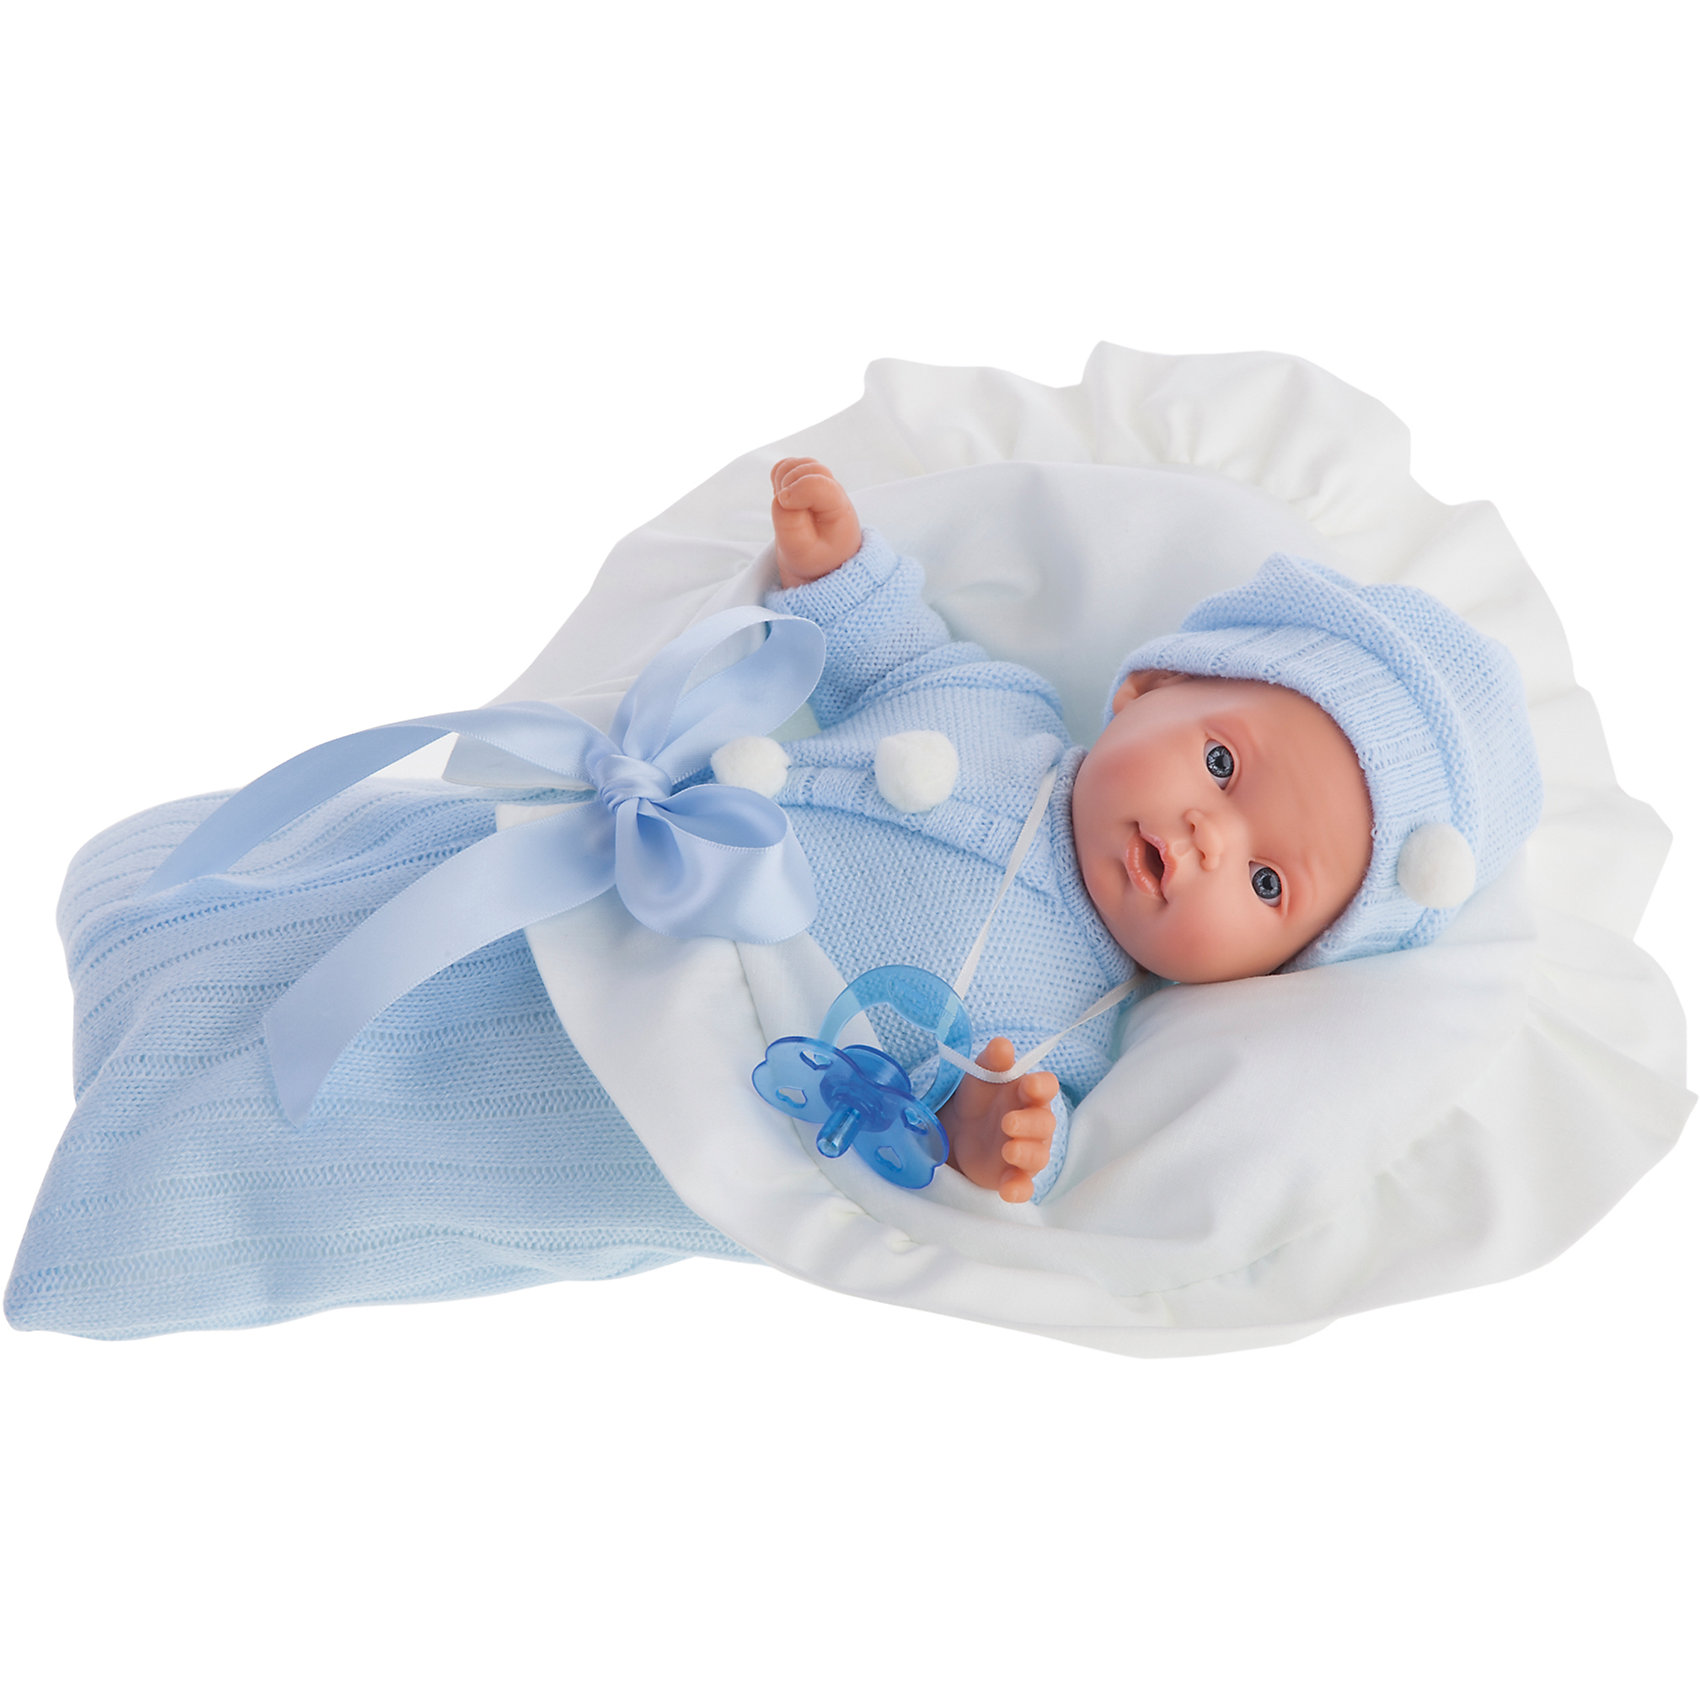 Кукла Ланита в голубом, 27 см, Munecas Antonio JuanКлассические куклы<br>Кукла Ланита в голубом, 27 см, Munecas Antonio Juan, (Мунекас от Антонио Хуан) ? это симпатичная малышка от всемирно известного испанского бренда Мунекас от Антонио Хуан, который знаменит своими реалистичными куклами. Кукла изготовлена из винила высшего качества, ее тело ? мягконабивное, ручки и ножки подвижны, голова поворачивается в стороны, глазки не закрываются. <br>Выразительный взгляд голубых глаз, обрамленных длинными пышными ресничками, нежные черты лица, розовые щечки, пухленькие губки и курносый носик. Ланита еще совсем крошка, поэтому она не расстается со своей соской, а если ее забрать, она начинает плакать. <br>Кукла Ланита в голубом, 27 см, Munecas Antonio Juan (Мунекас от Антонио Хуан) разработана с учетом анатомических особенностей и мимики младенцев. Играя с пупсом, ваш ребенок реалистично проживает роль «мамы», учится ухаживать за малышом, заботиться о нем.<br>У Ланиты голубой костюмчик и шапочка. На одежде имеются белые помпончики.  Бело-голубой конверт изготовлен в тон костюмчику. Весь комплект одежды демонстрирует тонкое чувства стиля и вкуса в одежде.<br>Куклы JUAN ANTONIO munecas (Мунекас от Антонио Хуан) ? мечта девочки любого возраста!<br><br>Дополнительная информация:<br><br>- Вид игр: сюжетно-ролевые игры <br>- Дополнительные функции: плачет<br>- Комплектация: кукла, соска, голубой конверт<br>- Материал: пластик, винил, текстиль<br>- Высота куклы: 27 см<br>- Вес: 1кг 260 г<br>- Батарейки: 3 шт. 3 LR44 (в комплекте)<br>- Особенности ухода: одежда ? ручная стирка, саму куклу мыть не рекомендуется <br><br>Подробнее:<br><br>• Для детей в возрасте: от 3 лет и до 6 лет<br>• Страна производитель: Испания<br>• Торговый бренд: JUAN ANTONIO munecas <br><br>Куклу Ланиту в голубом, 27 см, Munecas Antonio Juan (Мунекас от Антонио Хуан) (Мунекас от Антонио Хуан) можно купить в нашем интернет-магазине.<br><br>Ширина мм: 315<br>Глубина мм: 105<br>Высота мм: 180<br>Вес г: 1260<br>Возр